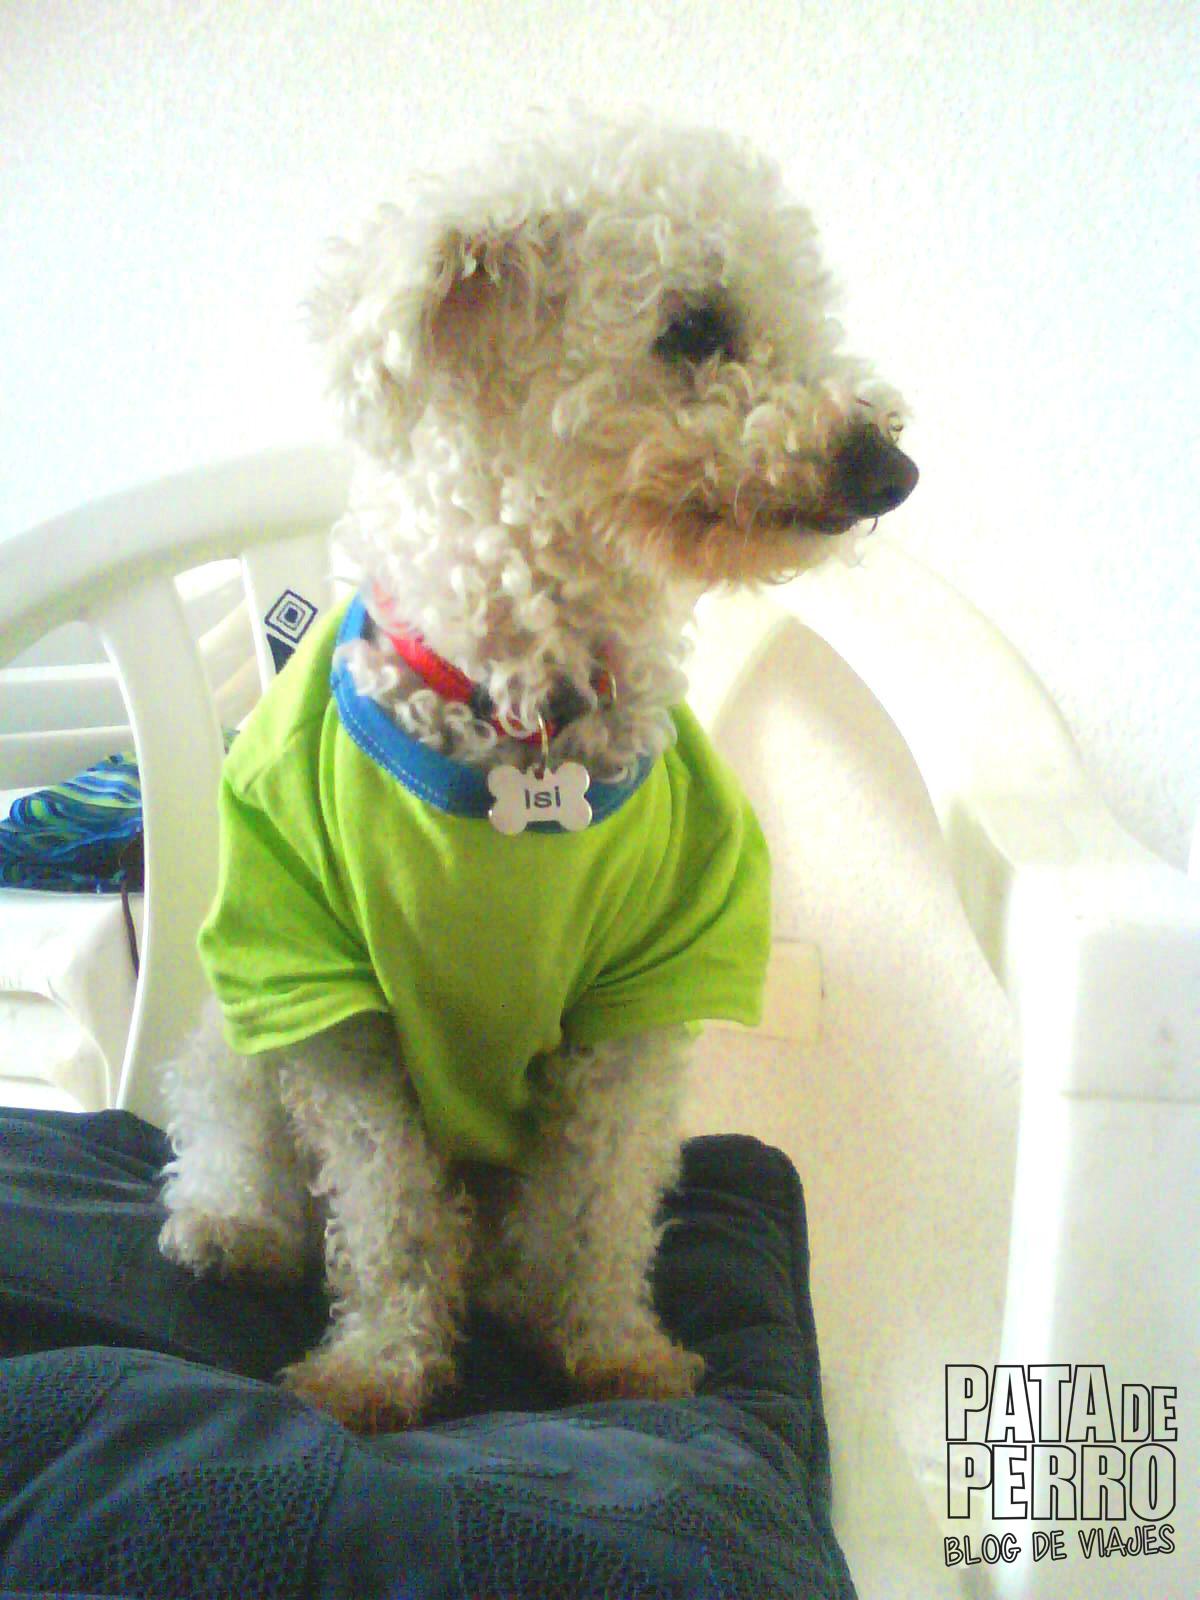 servicios funerarios para perros puebla mexico memorial friends pata de perro blog de viajes12